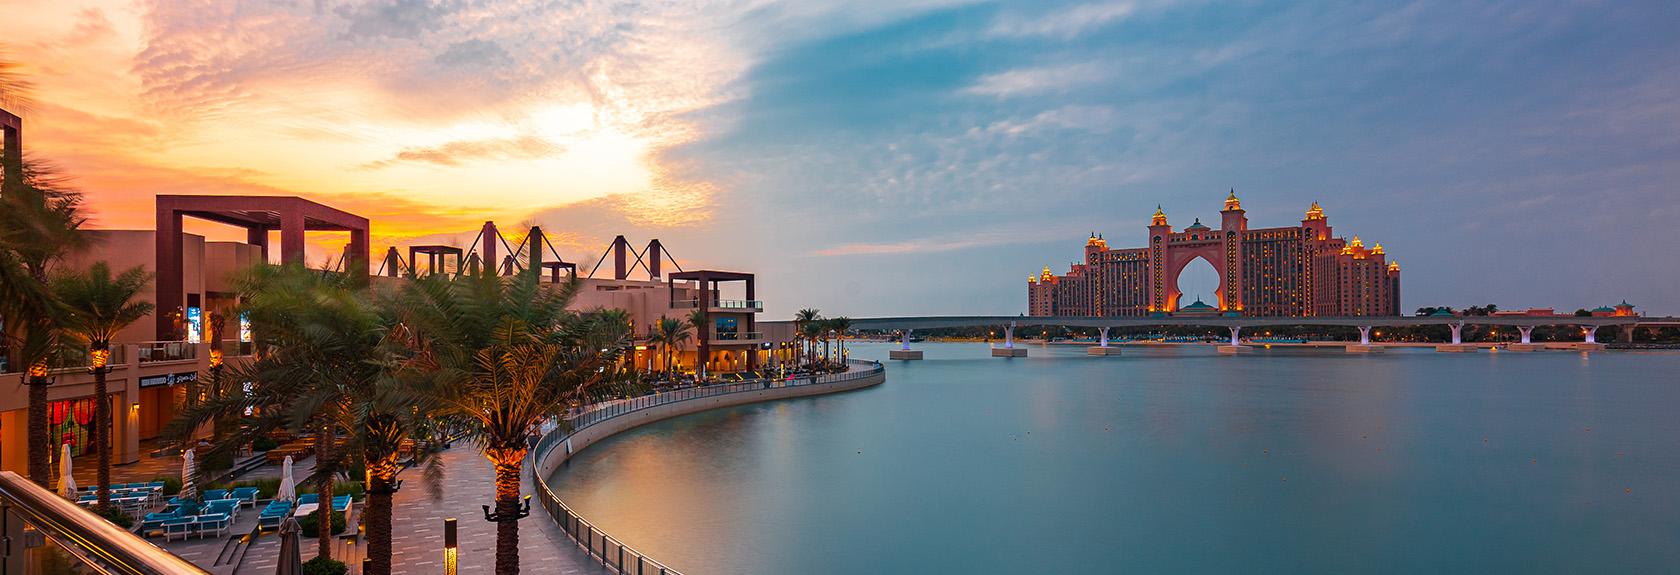 The Pointe – winkelcentrum op Palm Jumeirah